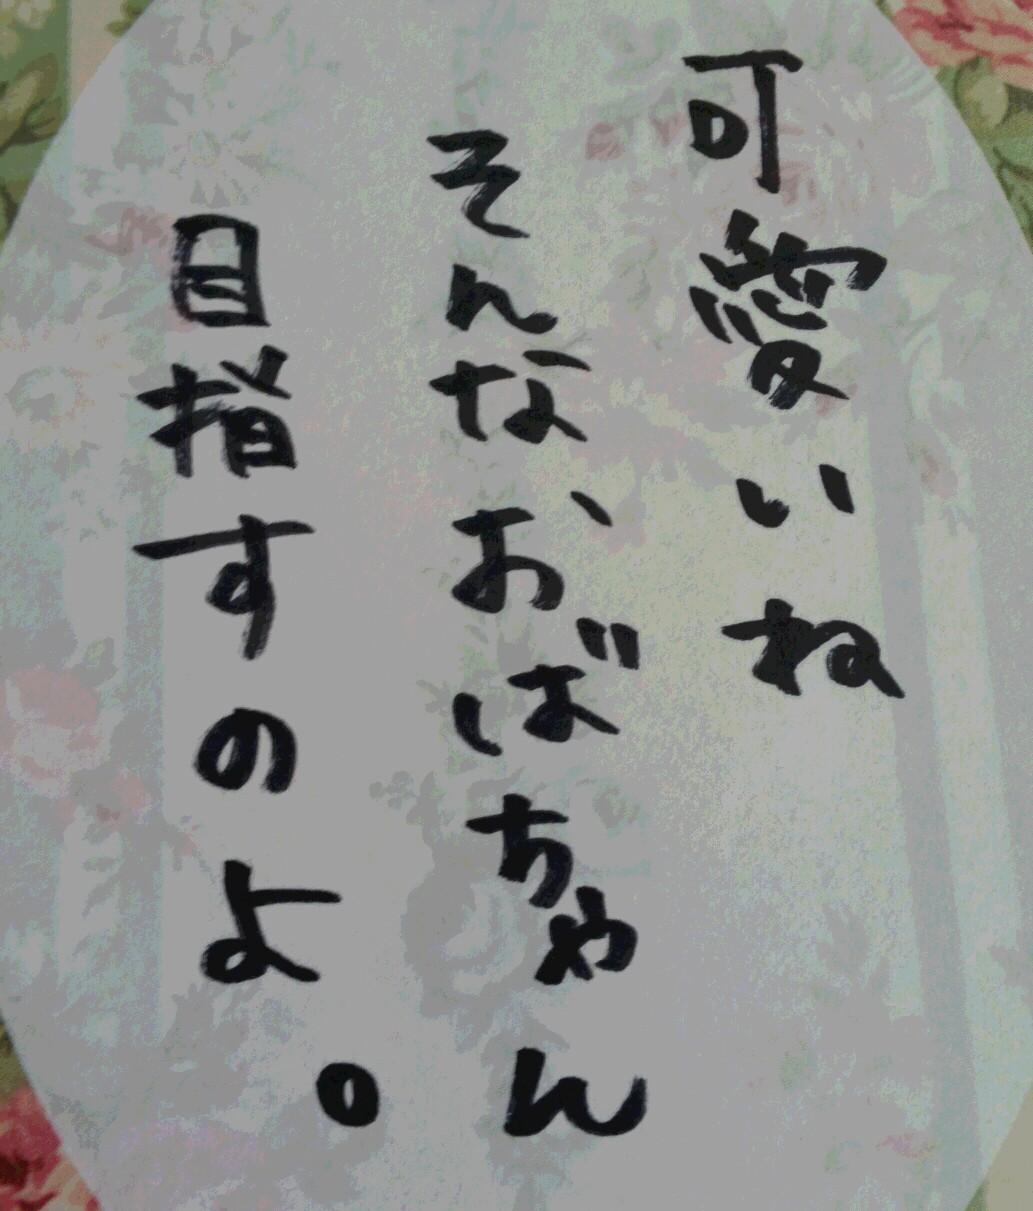 16-12-27-11-01-50-101_photo-1